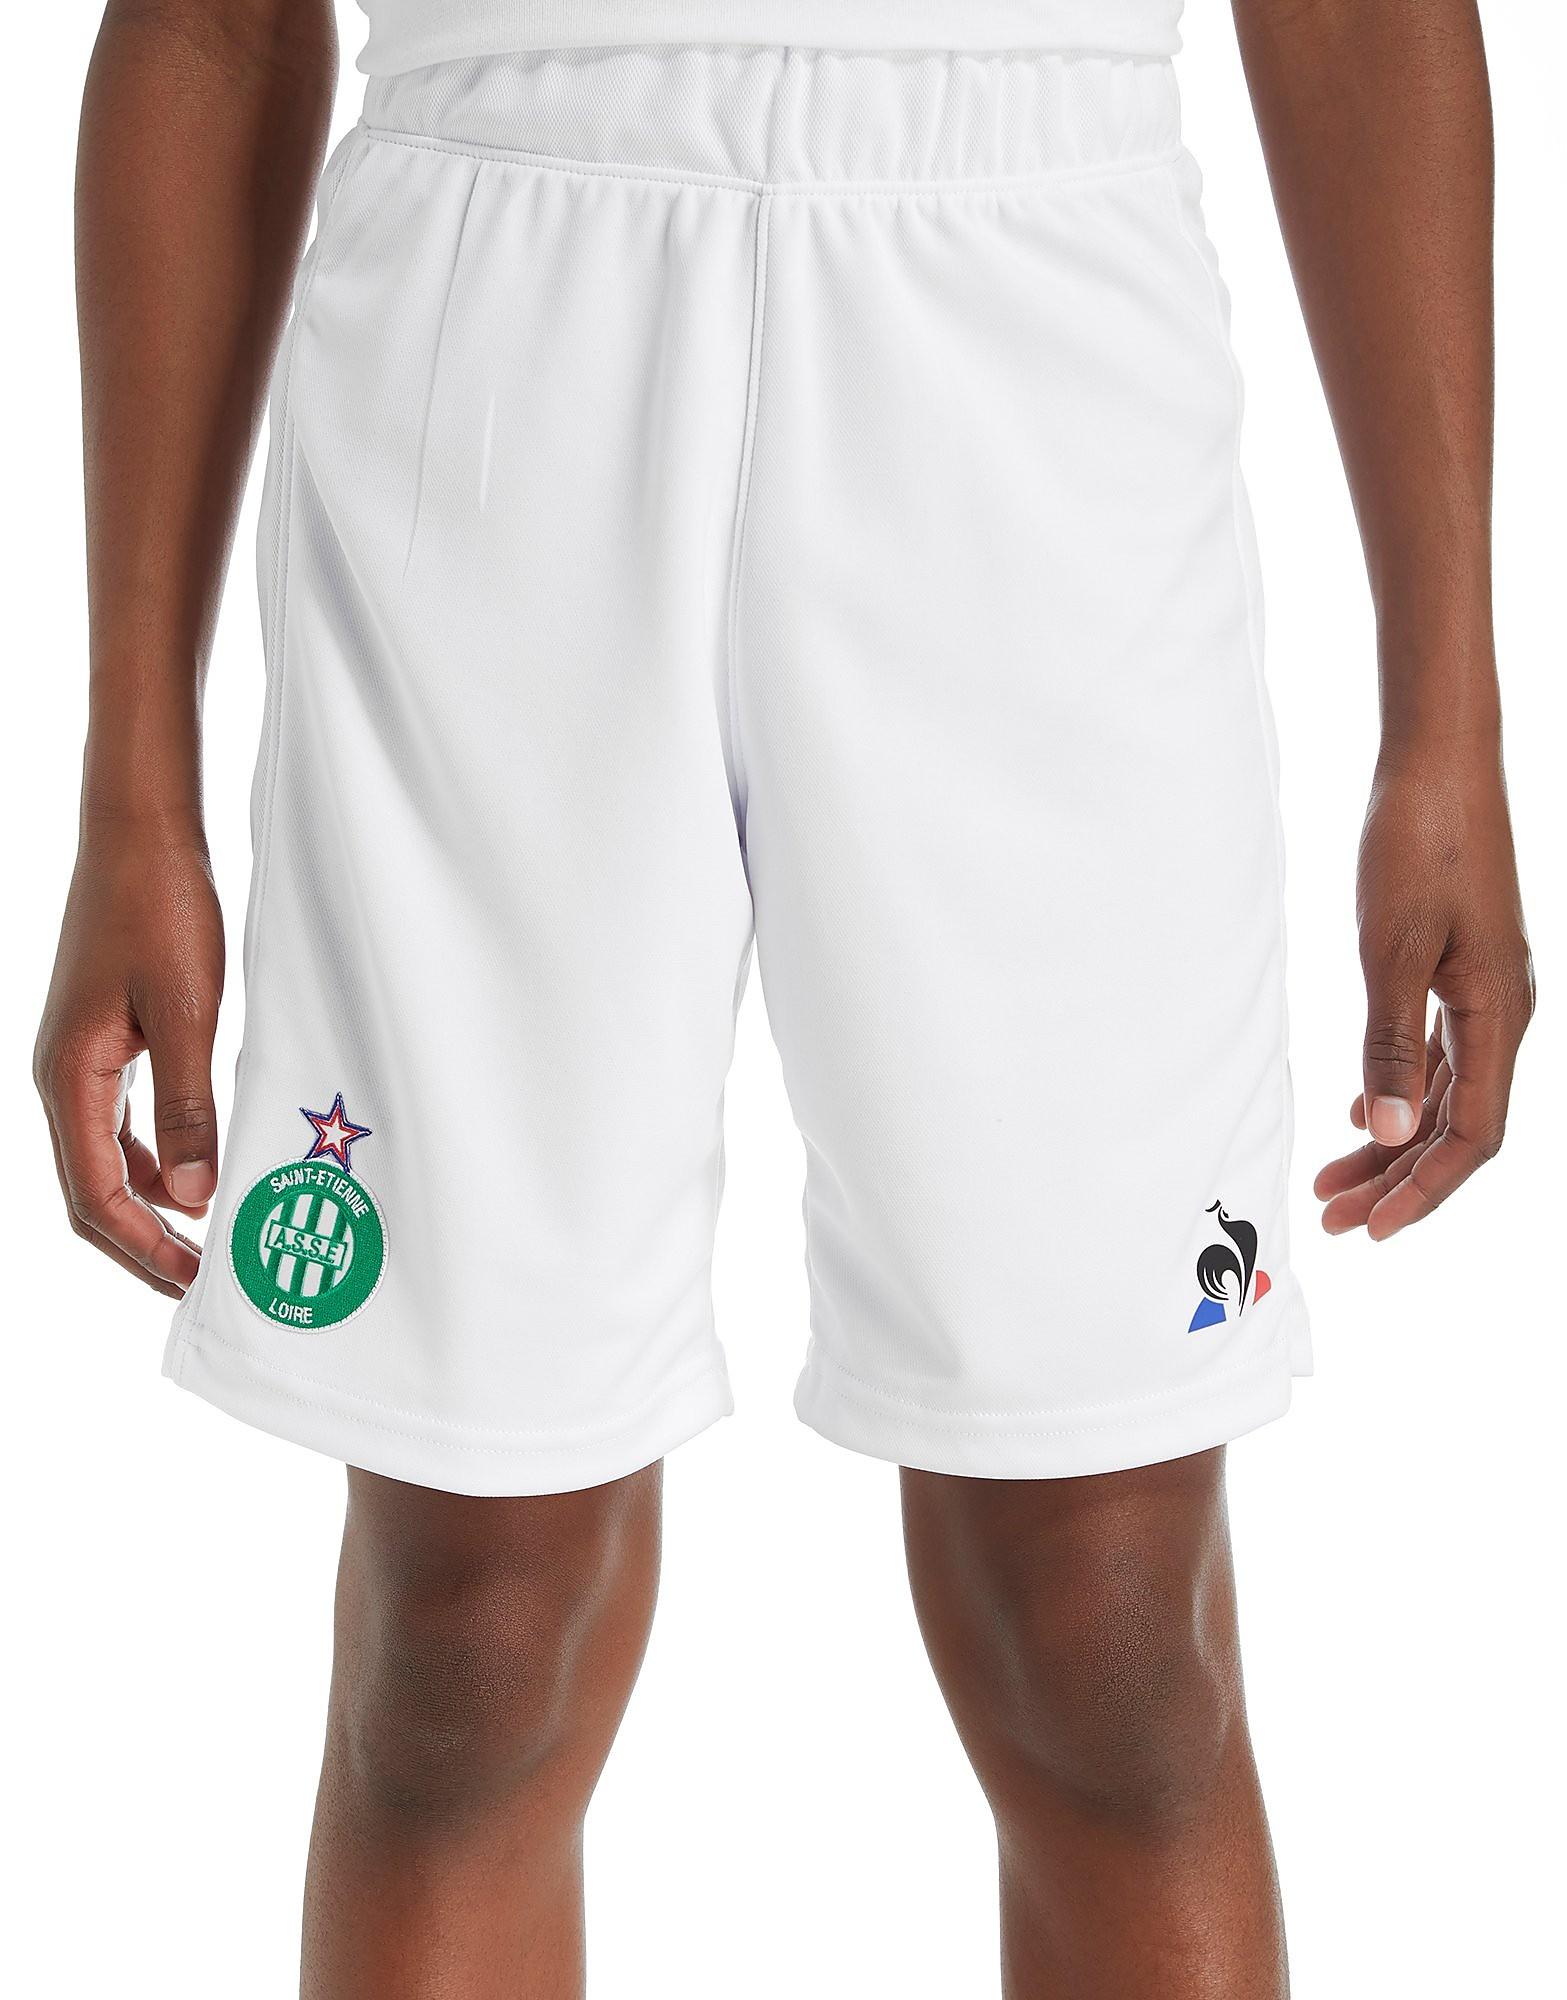 Le Coq Sportif AS Saint Etienne 2017/18 Home Shorts Junior